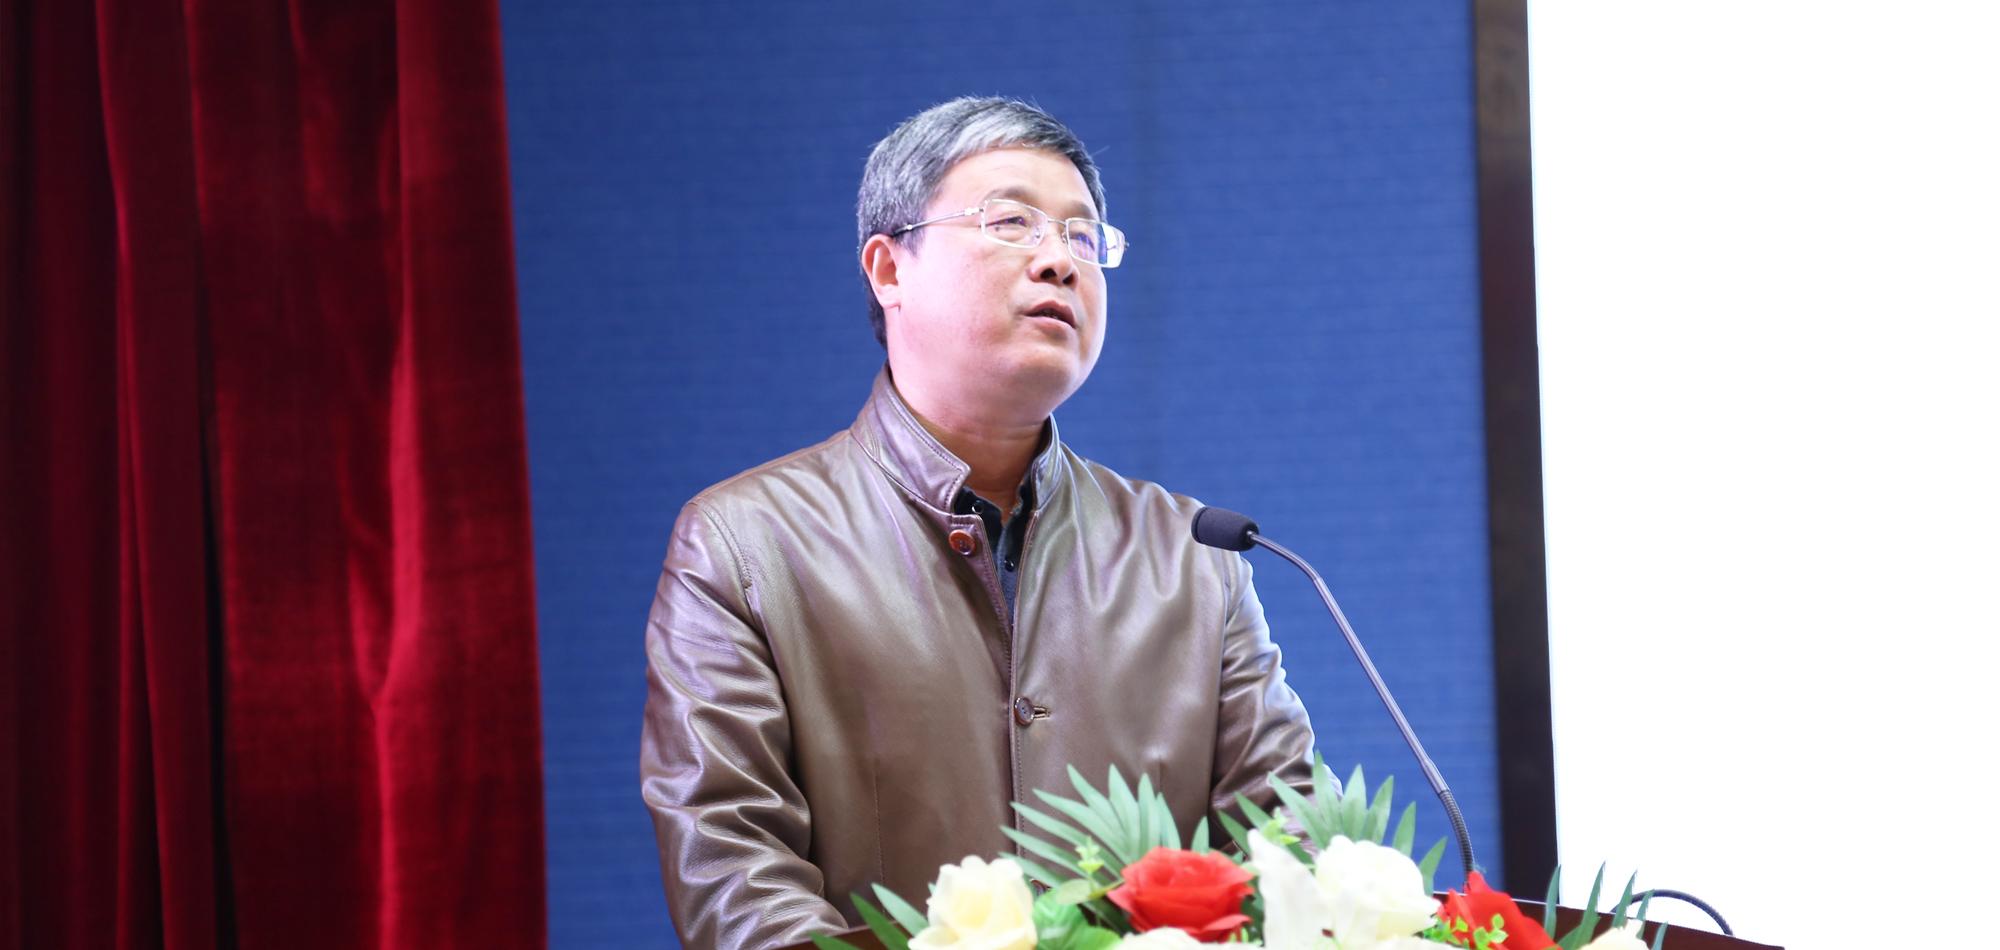 副理事长付国屏校长代表承办学校致欢迎词,同时介绍了武汉经开区第一初级中学教育集团发展历程及学校今年来的变化和取得的成就。